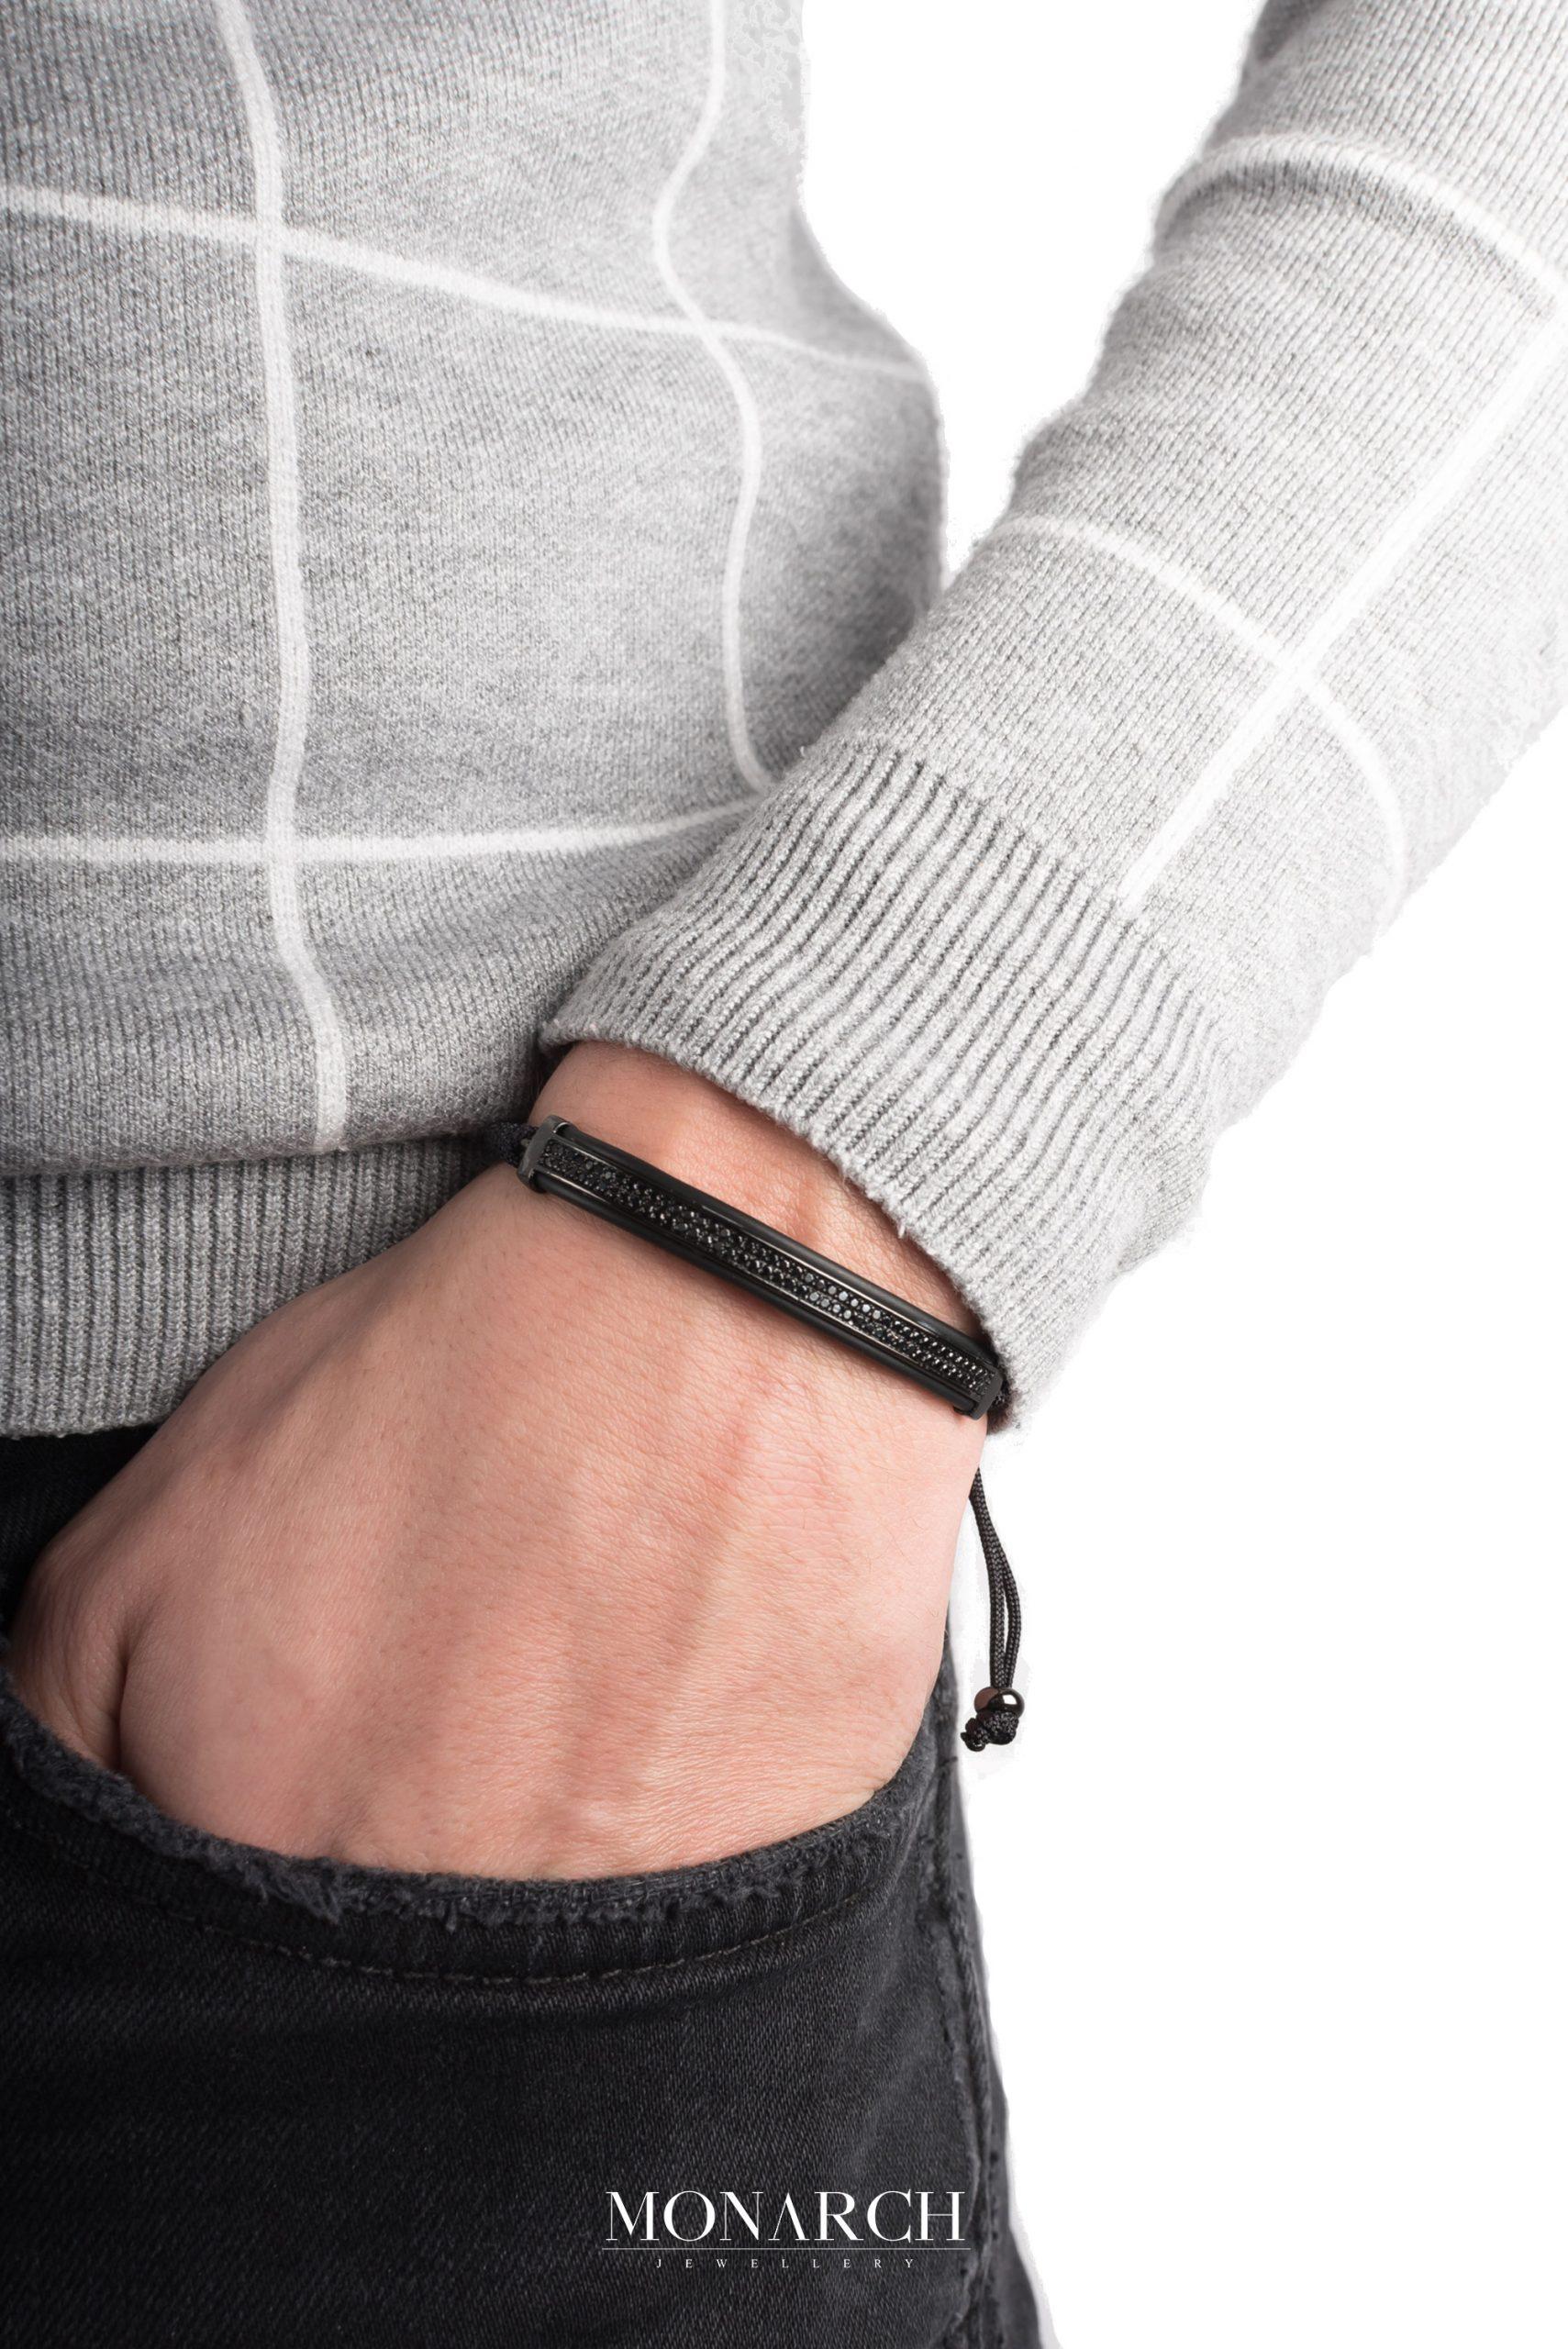 black luxury bracelet for man, monarch jewellery MA142NTB